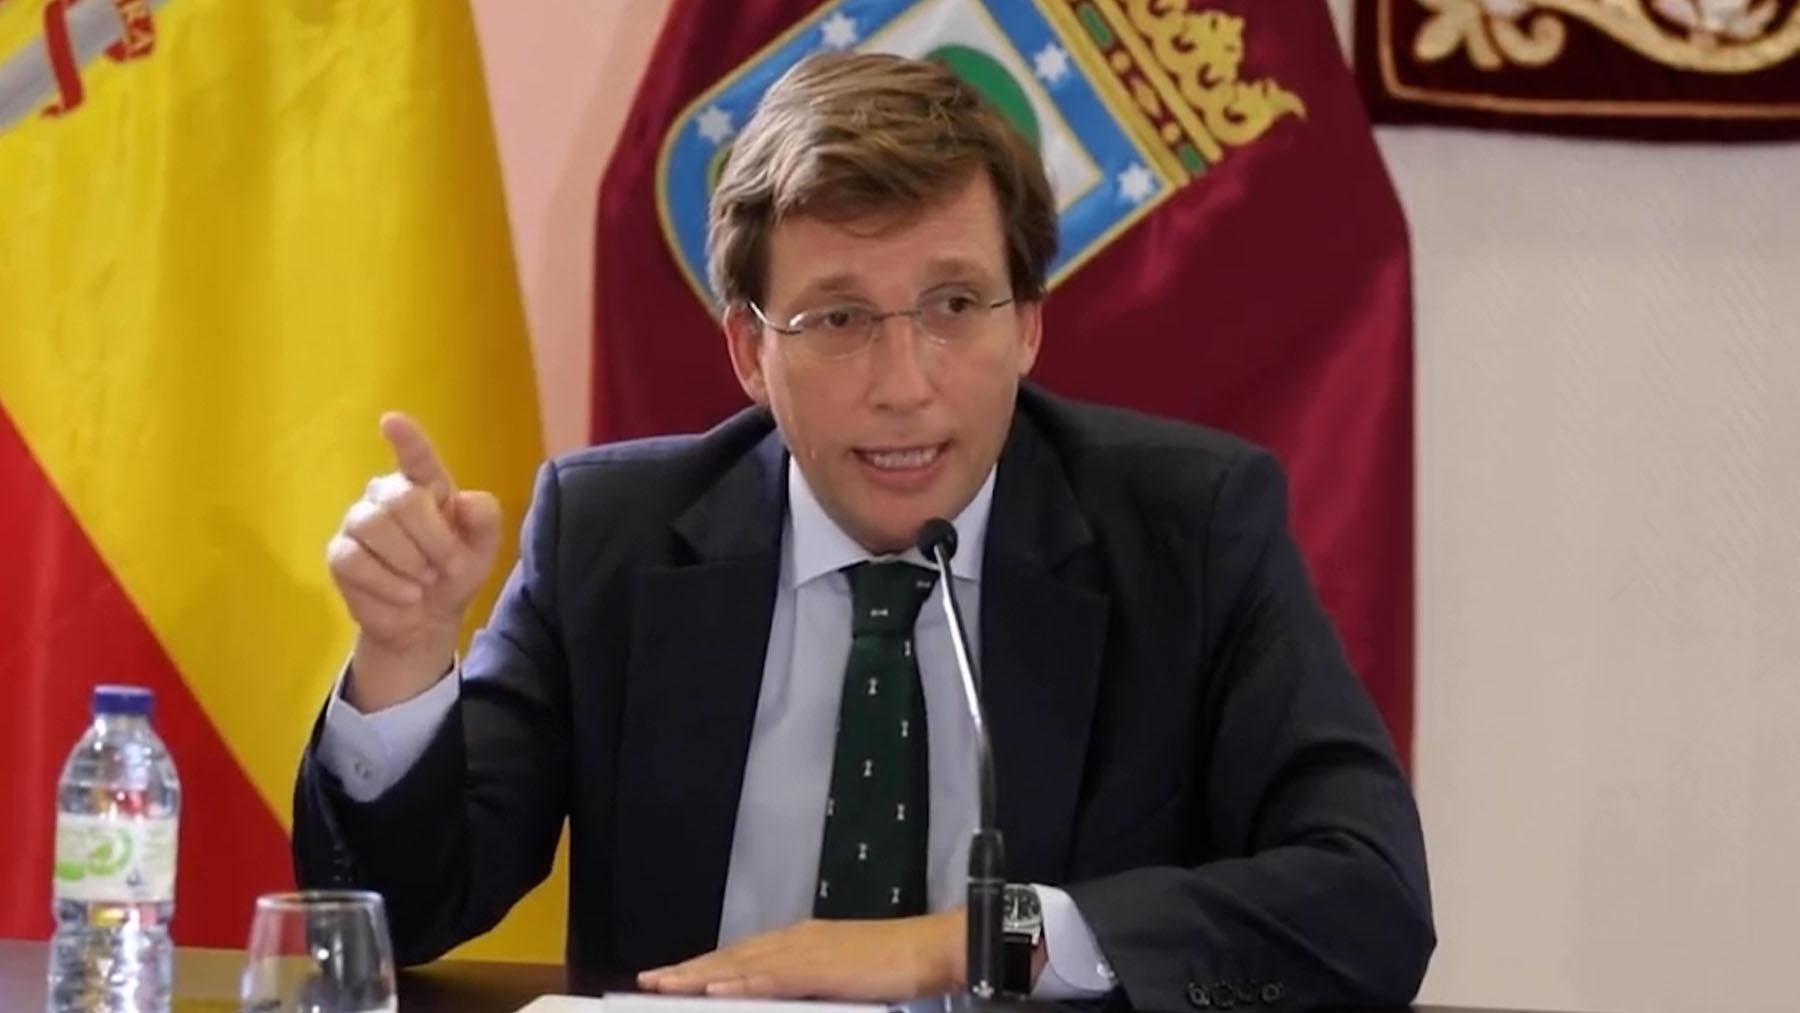 El alcalde de Madrid y portavoz del PP, José Luis Martínez-Almeida.